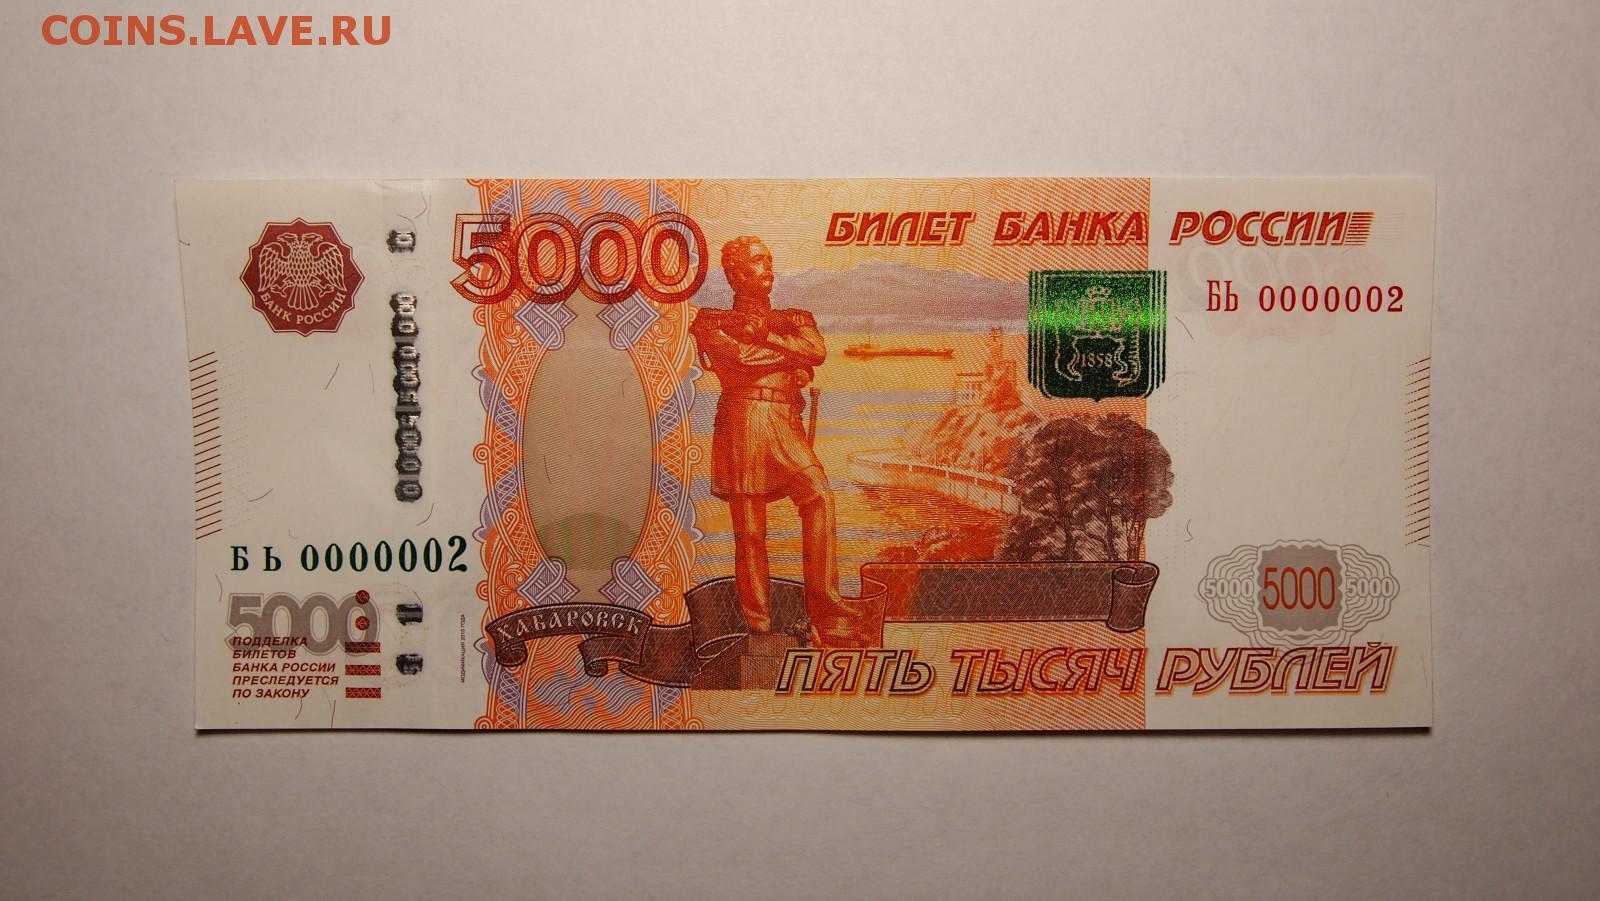 Редкие банкноты 5000 рублей скупка монет в спб адреса